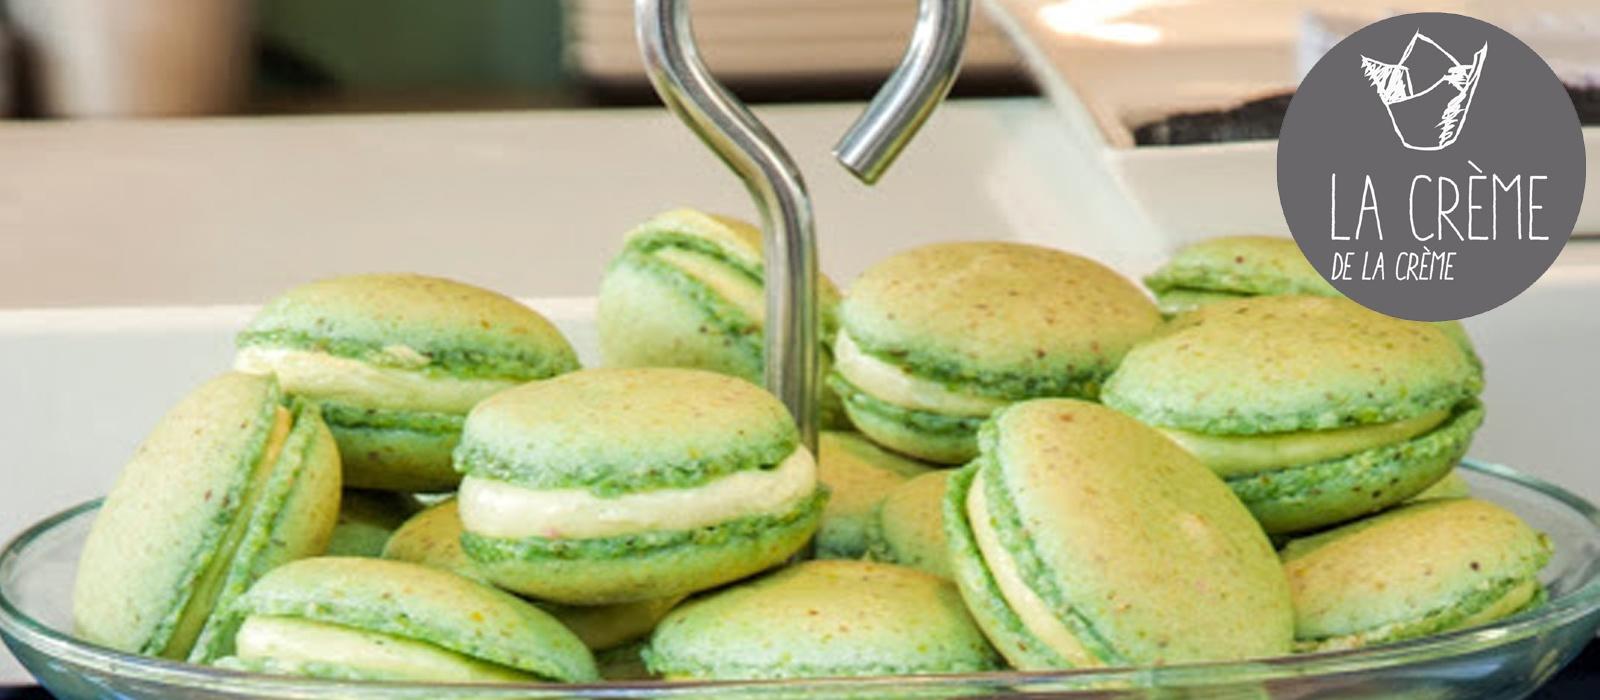 macarron ens evilla pasteleria francesa en sevilla